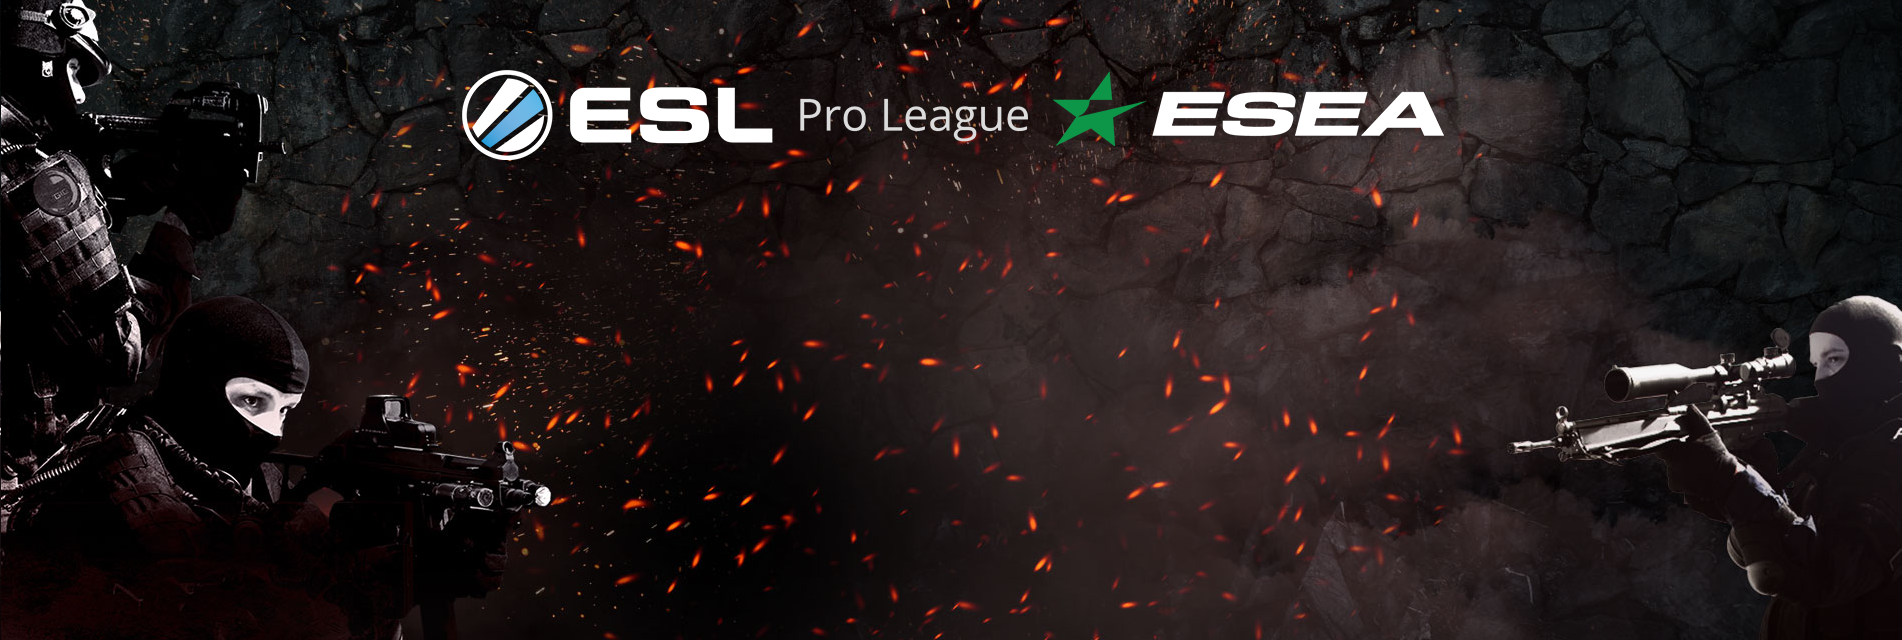 esea_pro_league